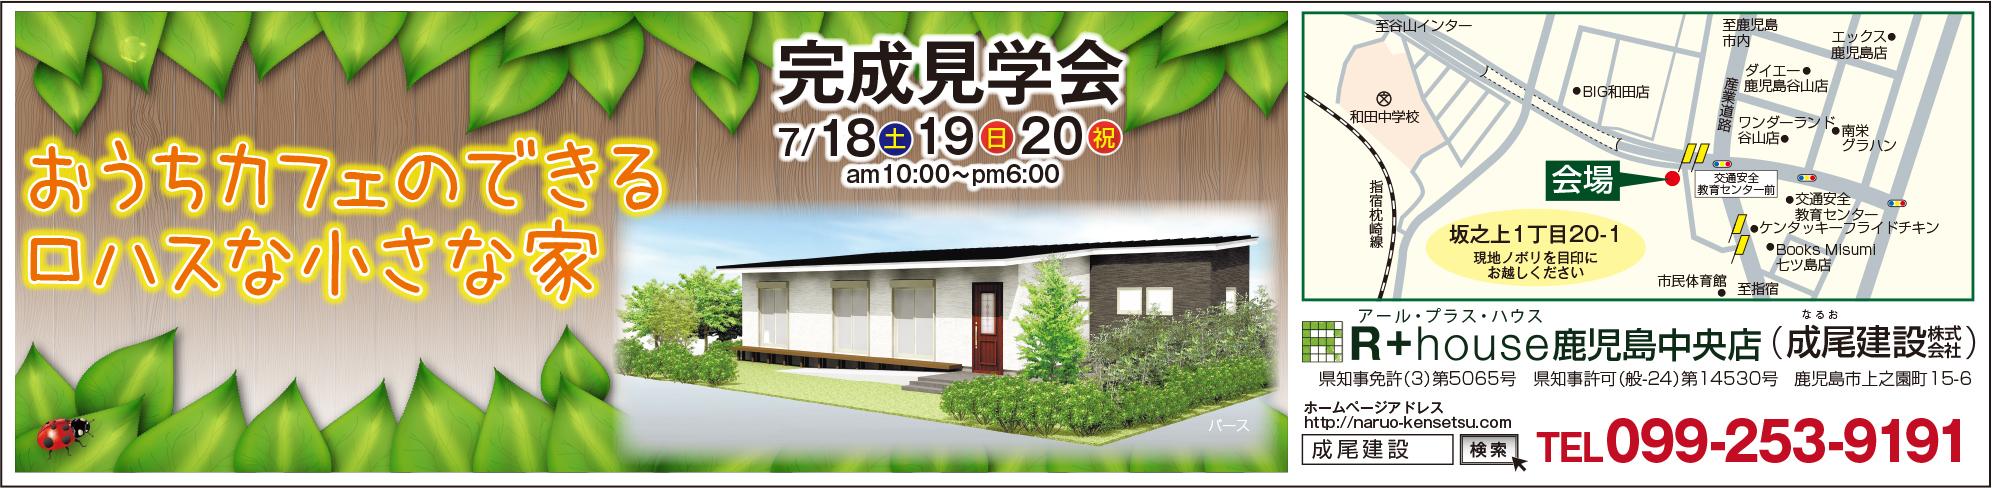 2015.07.18-20_Sakanoue1[Keiko]_Kansei_RE707